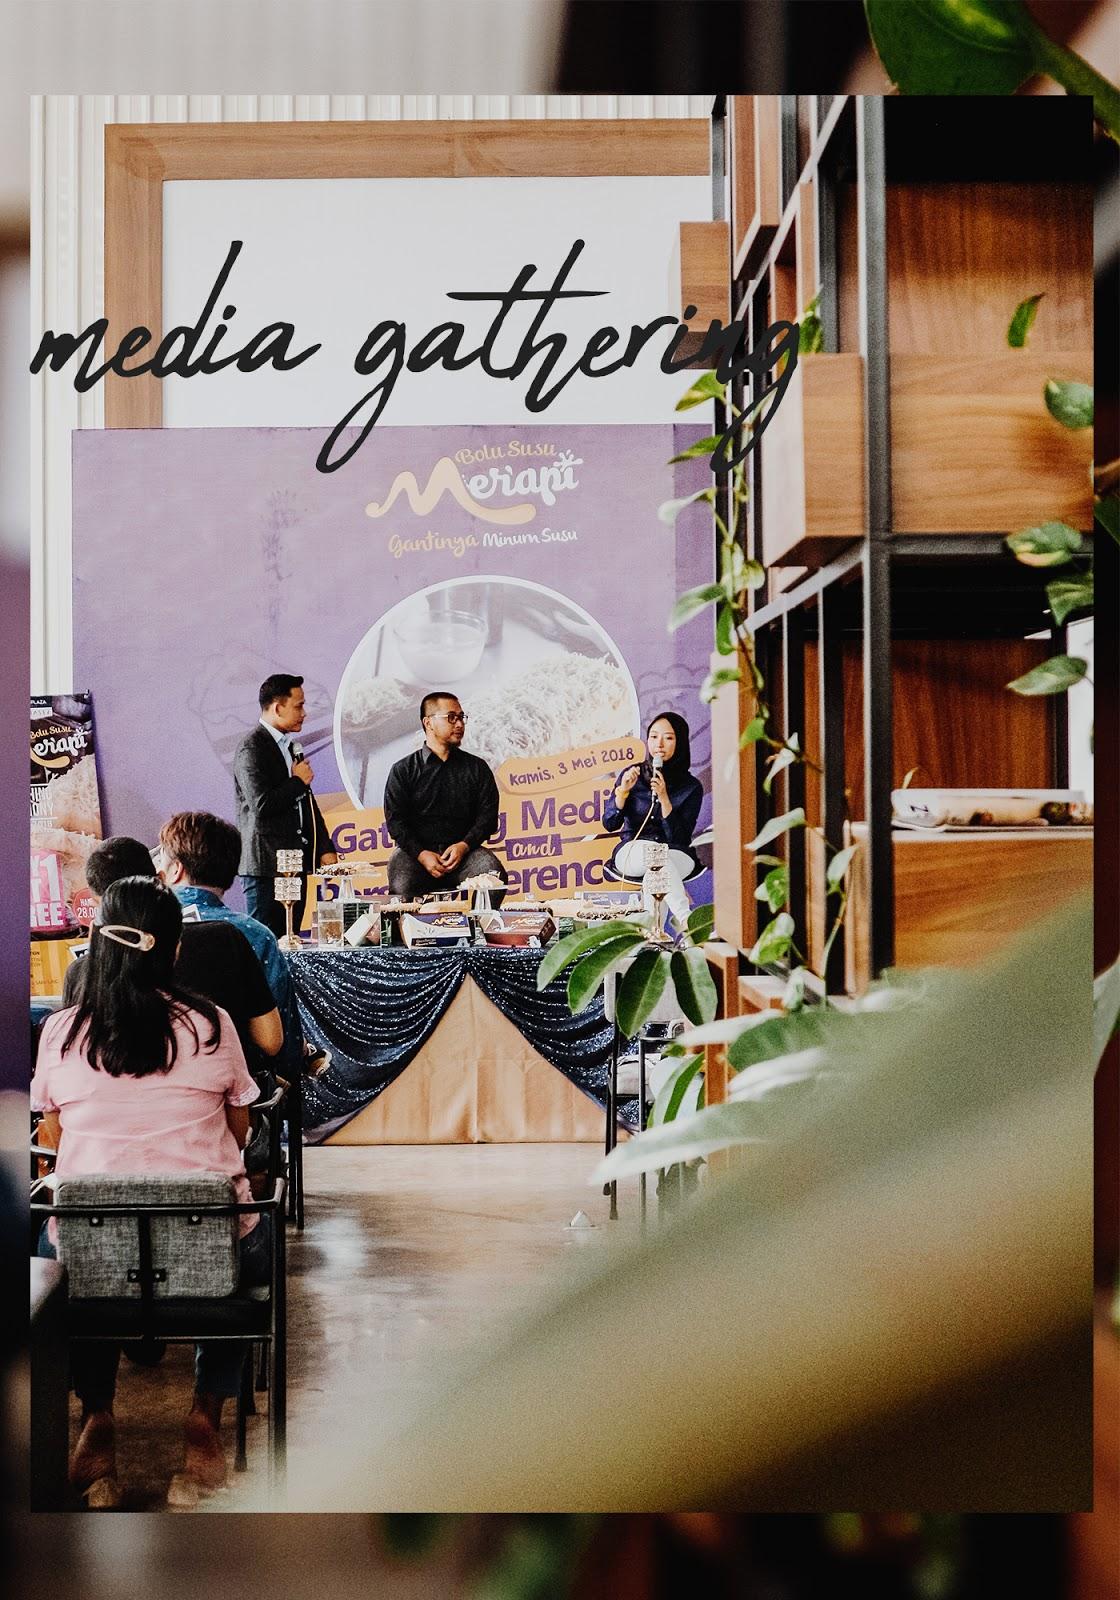 media gathering Bolu Susu Merapi di Sinergi Coworking Space